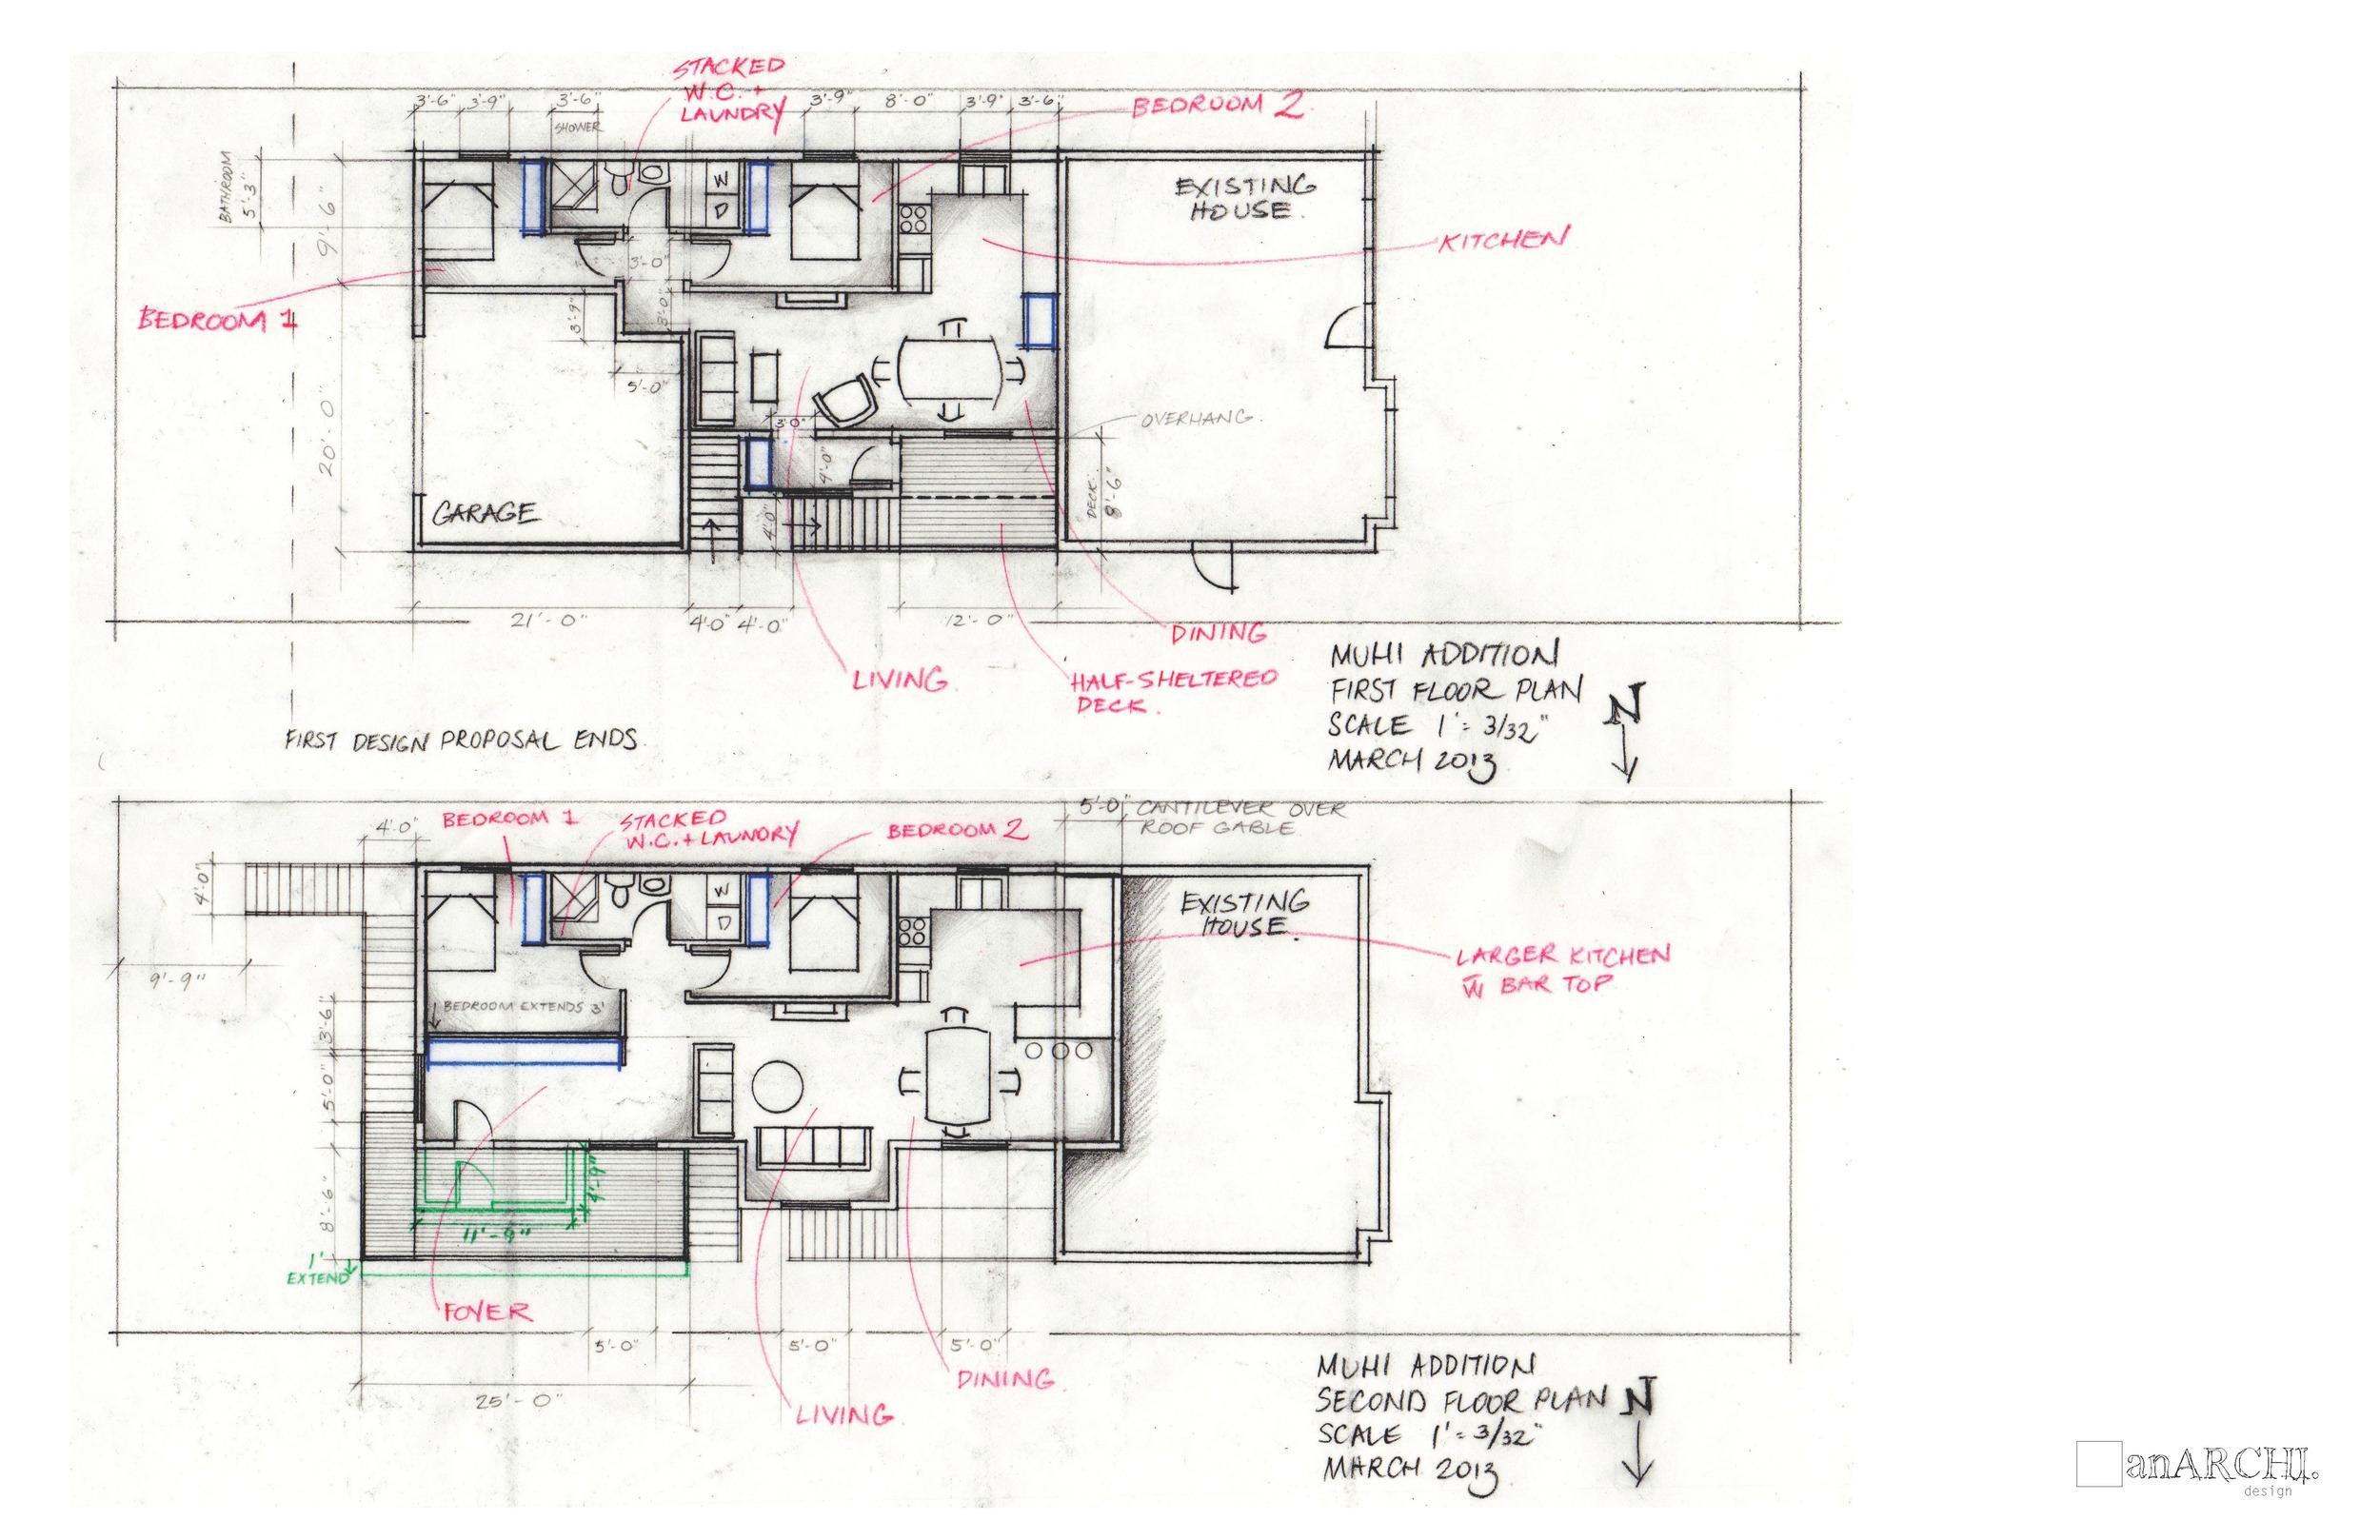 First floor suite plan